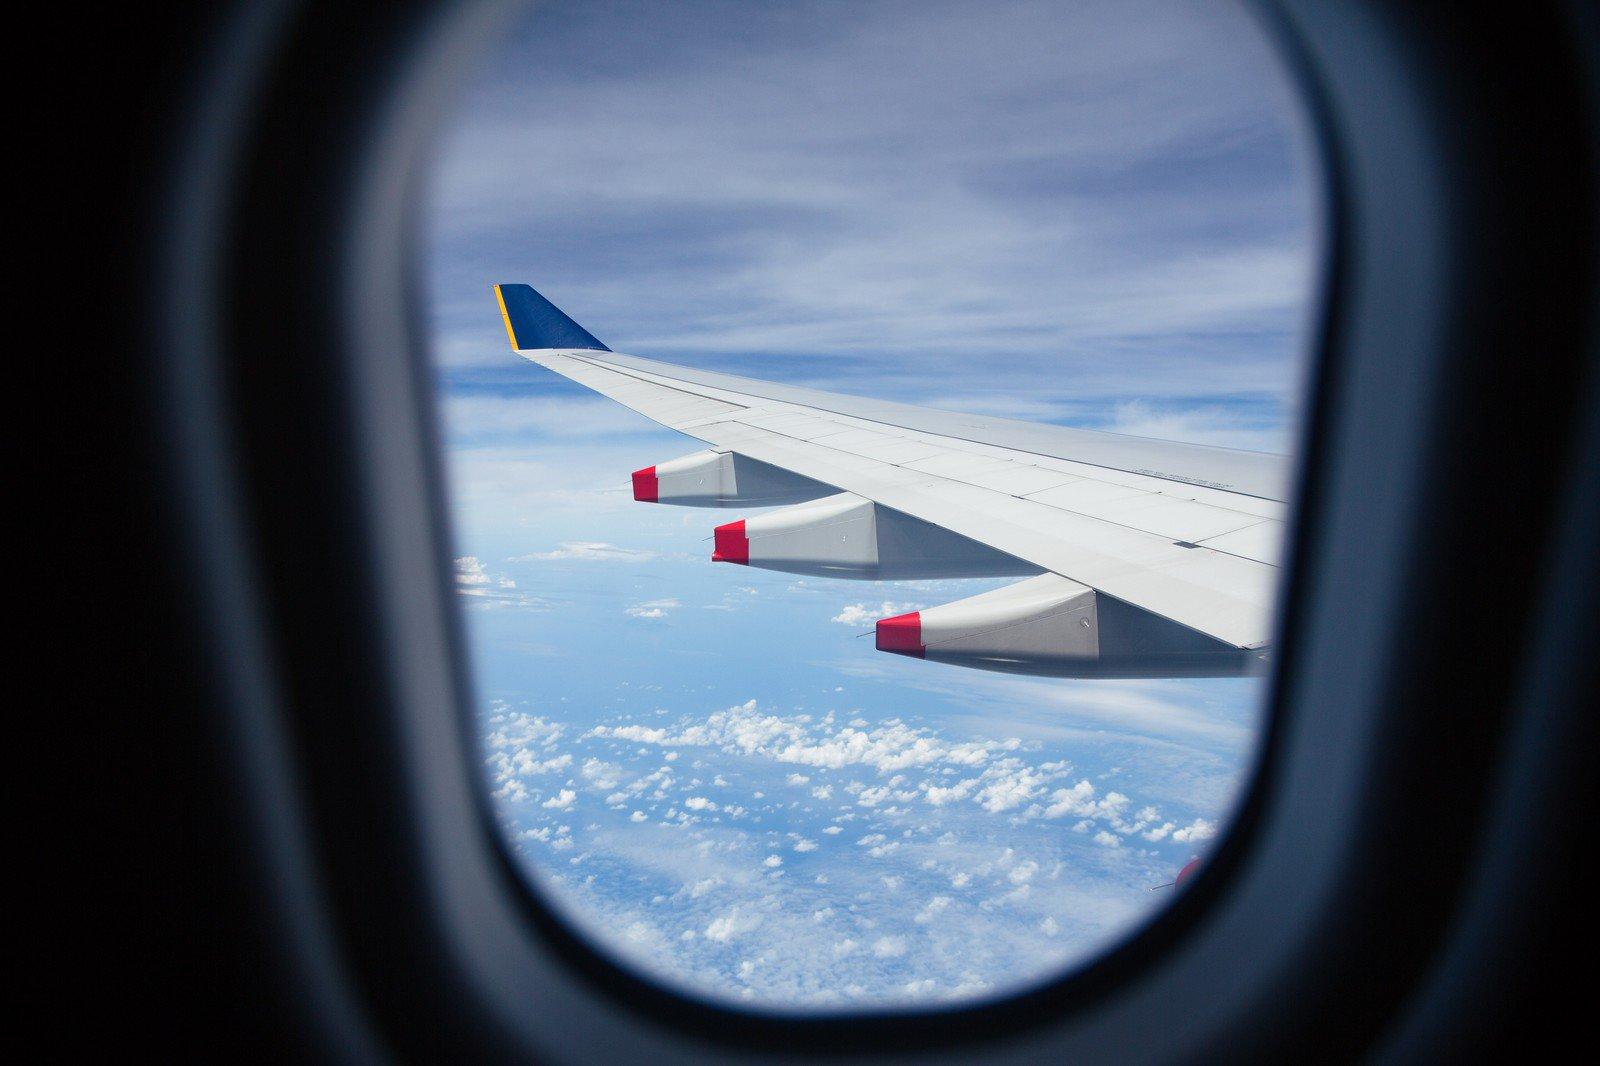 搭機要注意!當空姐三年才懂飛機衛生有多髒,做好這些準備旅途更安全